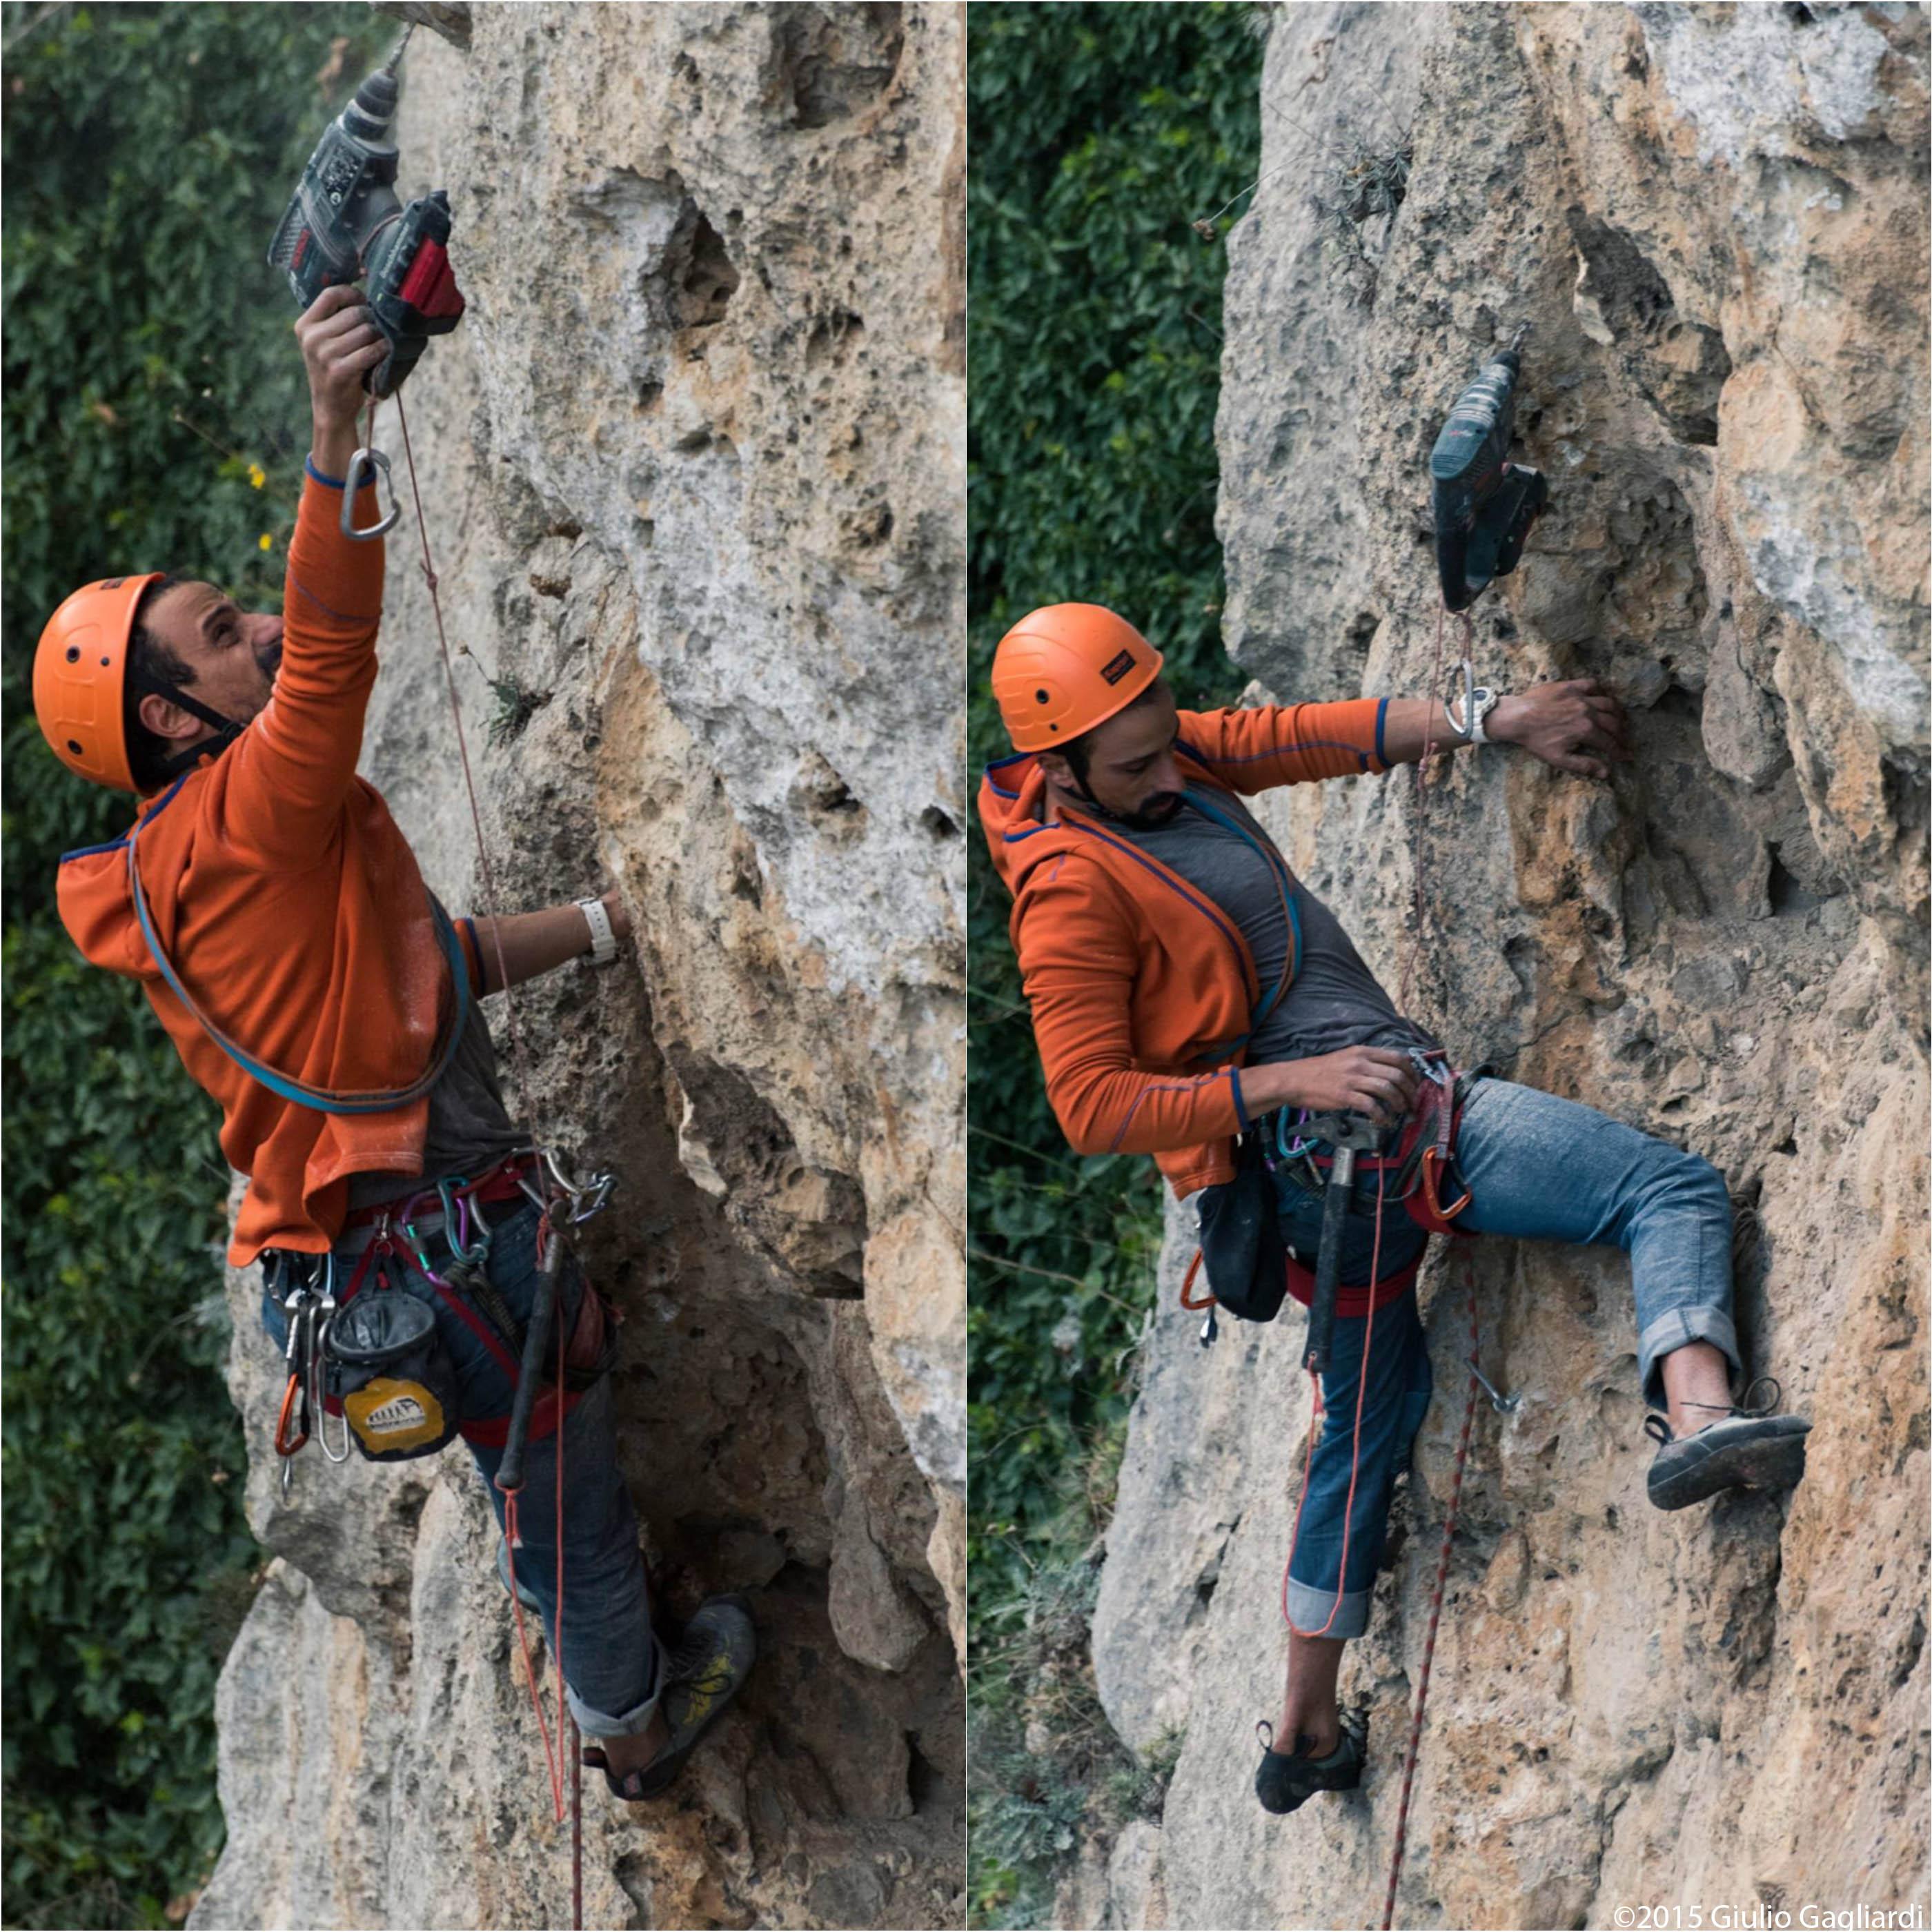 bolting chiodatura chiodare arrampicata climbing alpinism